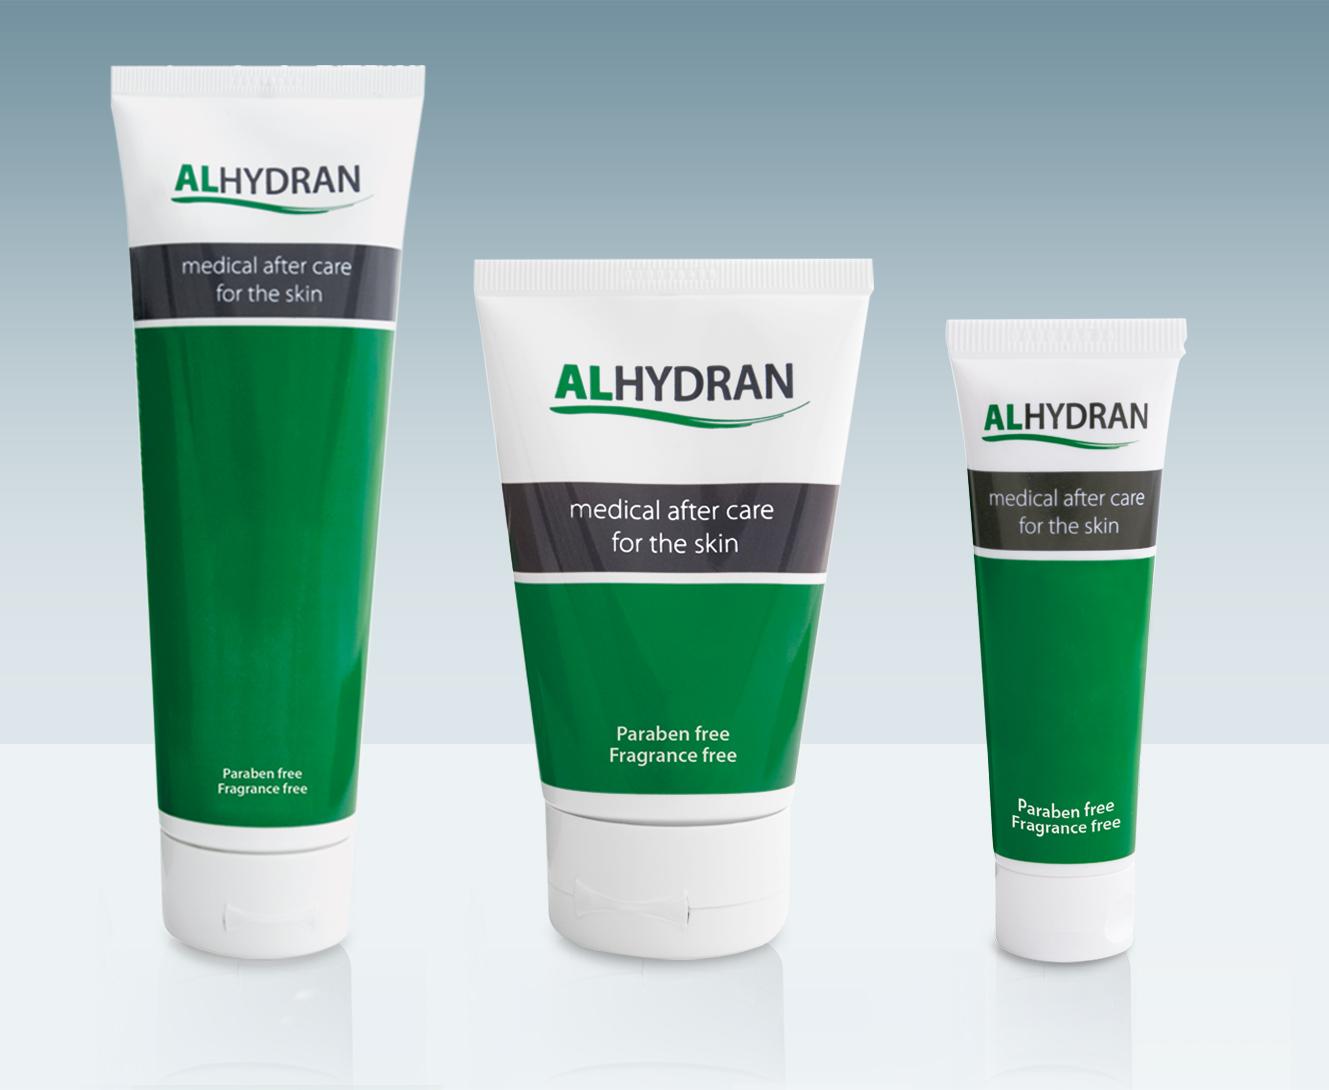 Alhydran producten kopen